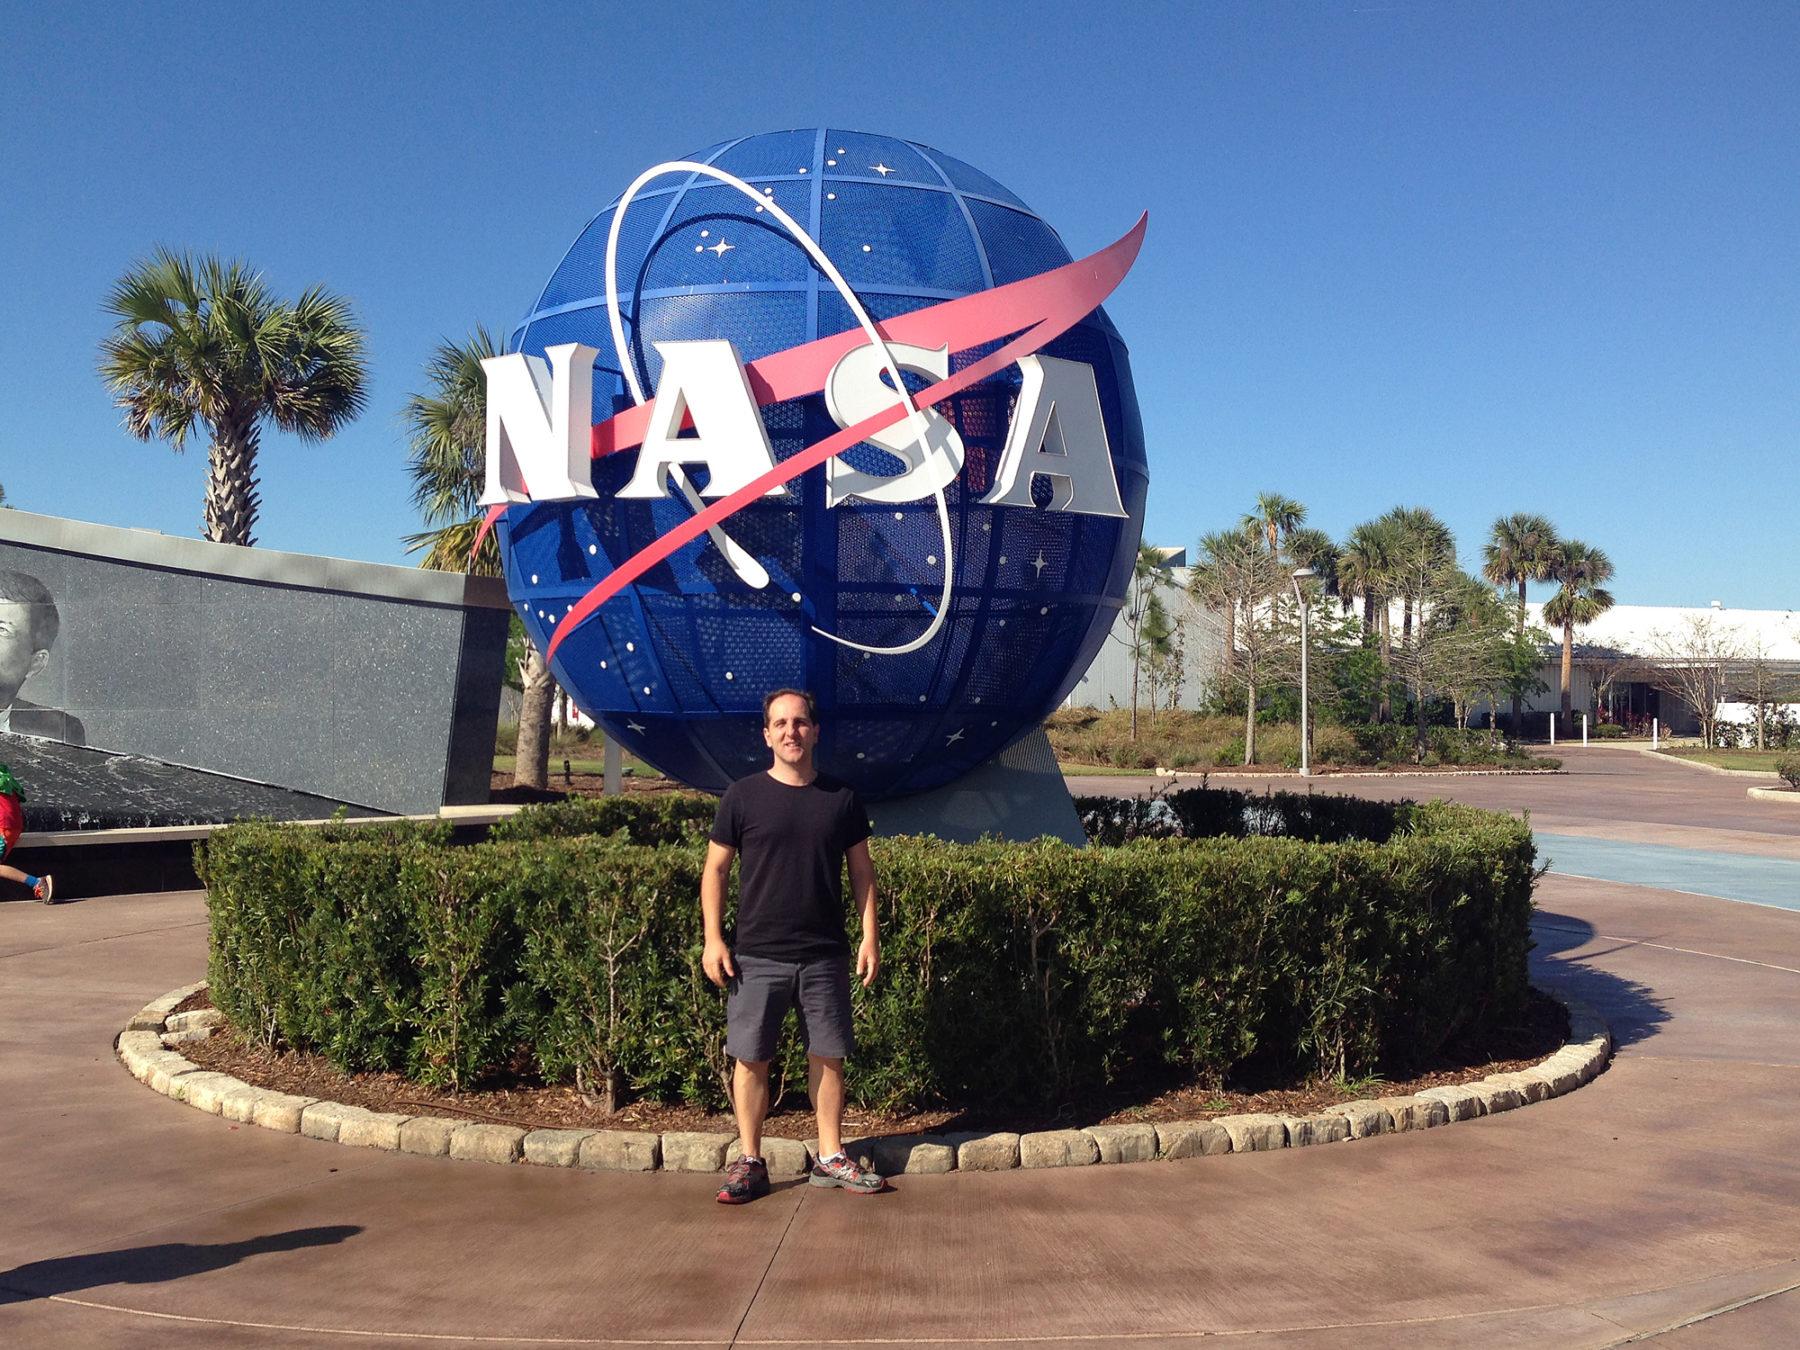 Phil-Philips-in-NASA